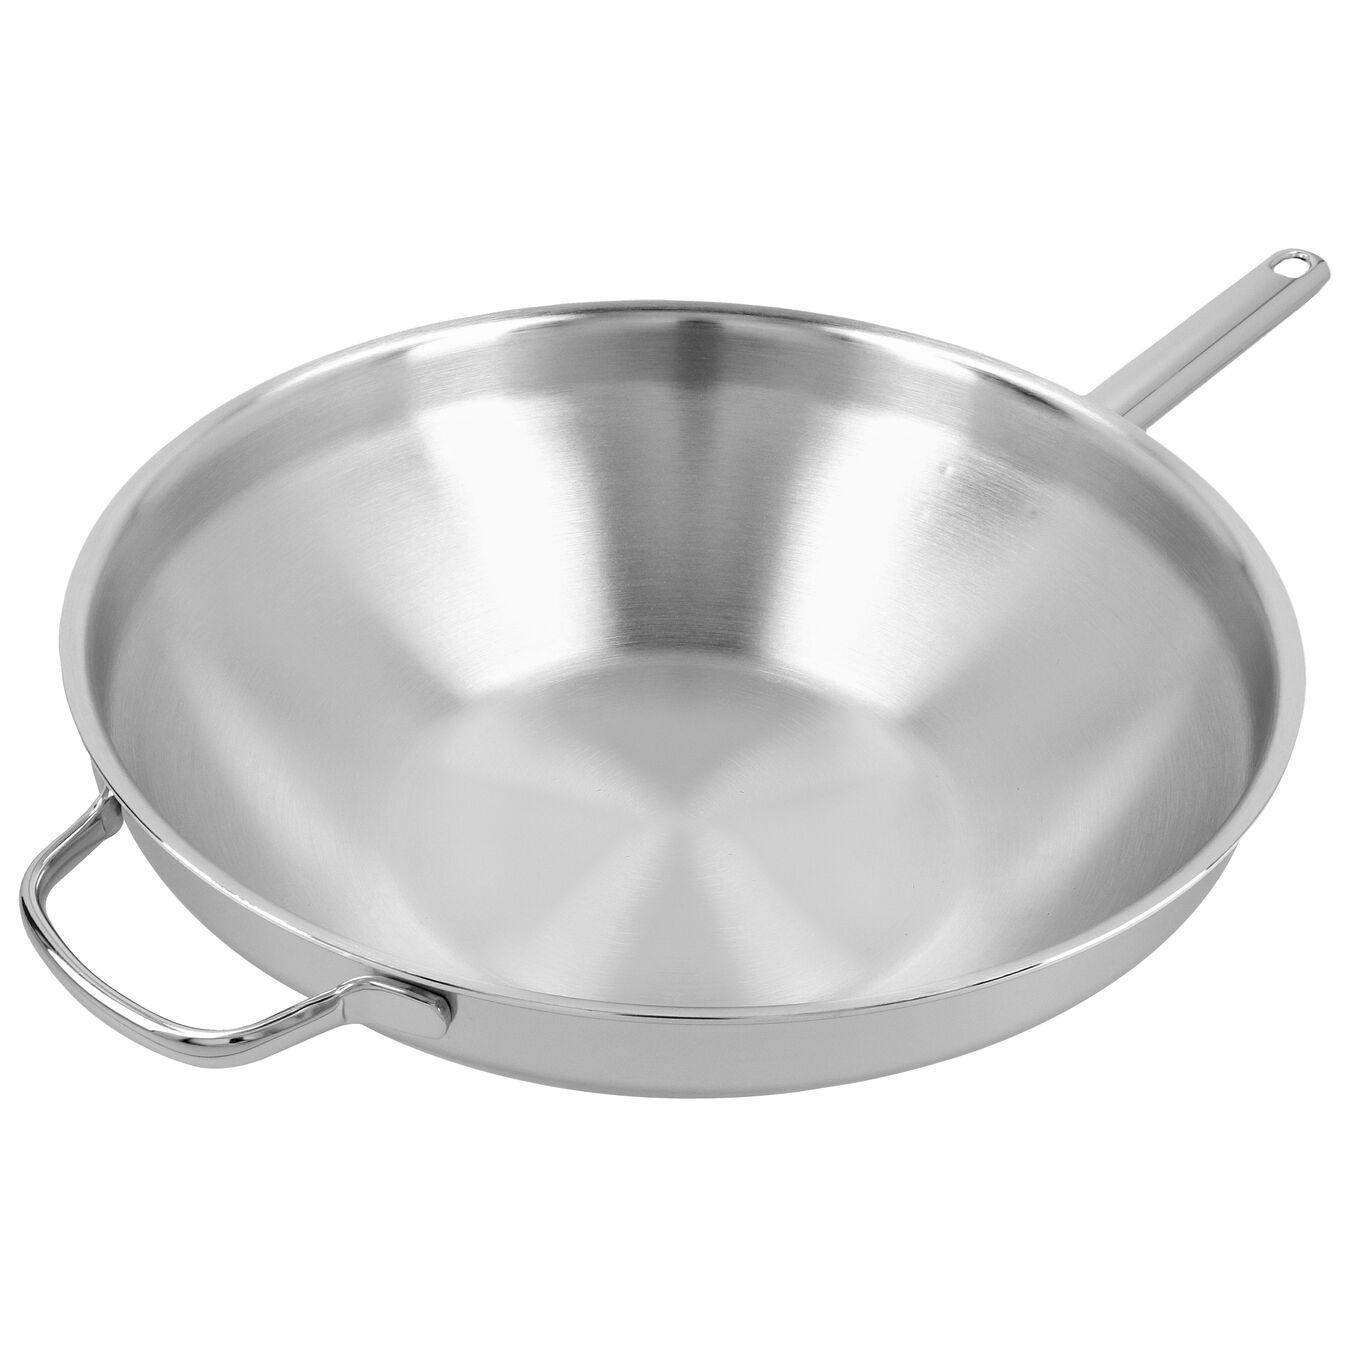 Wok fondo piatto - 32 cm, 18/10 acciaio inossidabile,,large 3